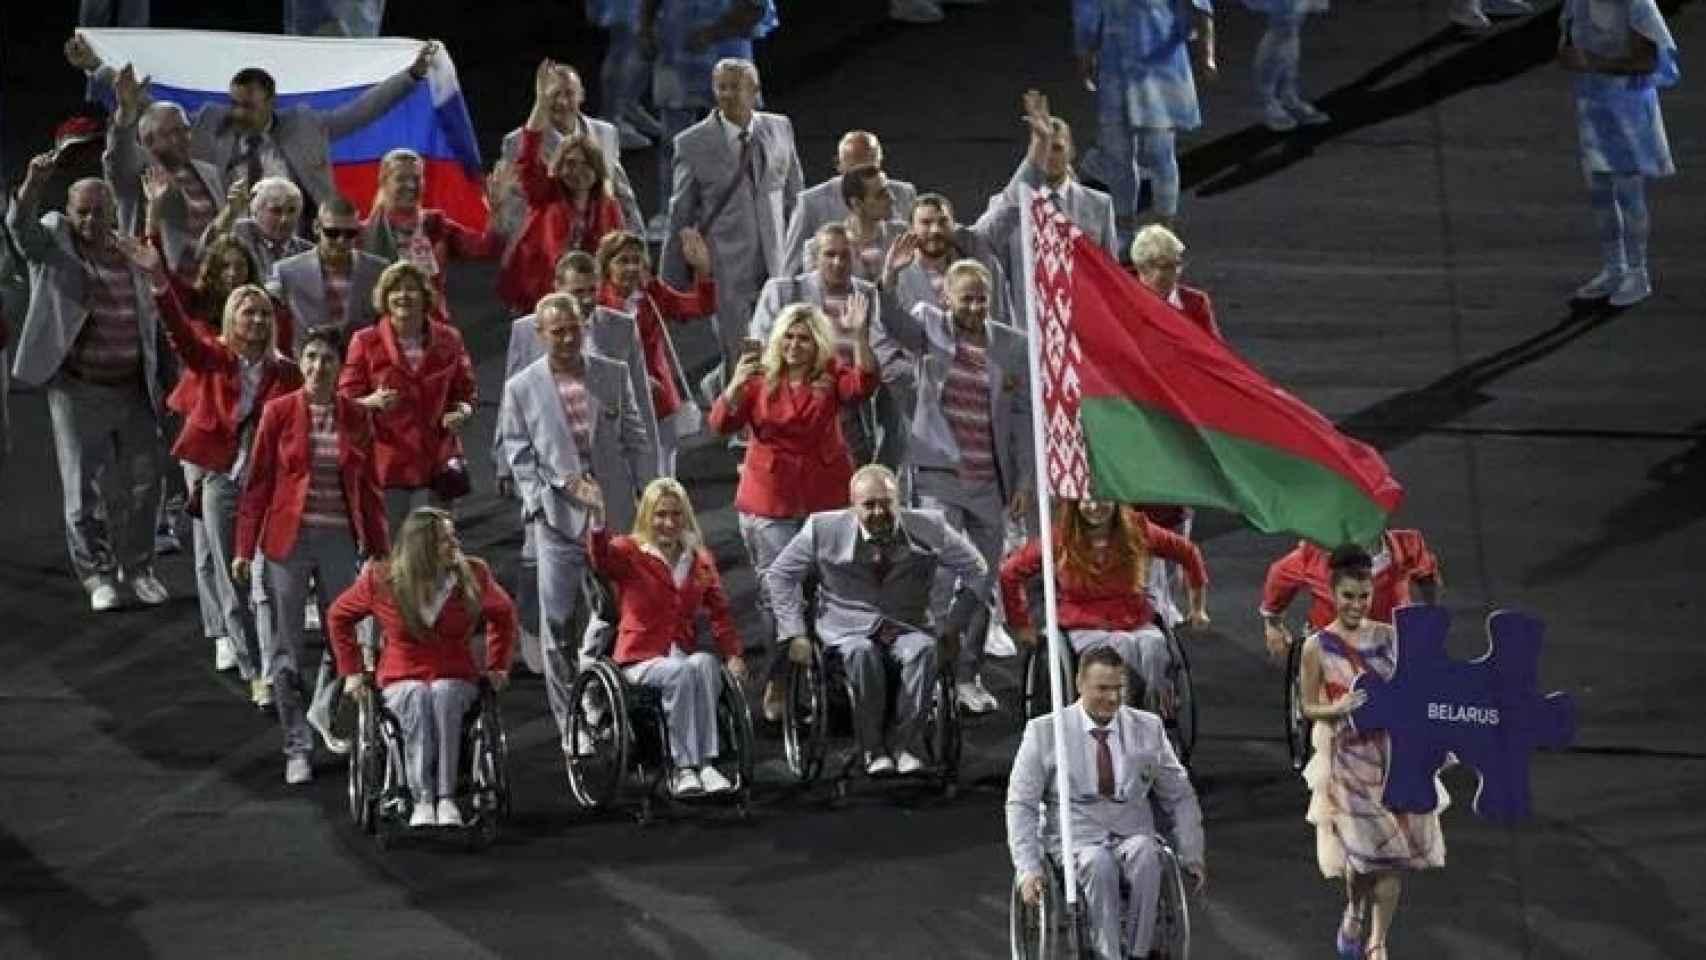 La delegación de Bielorrusia, al fondo integrantes con la bandera de Rusia.